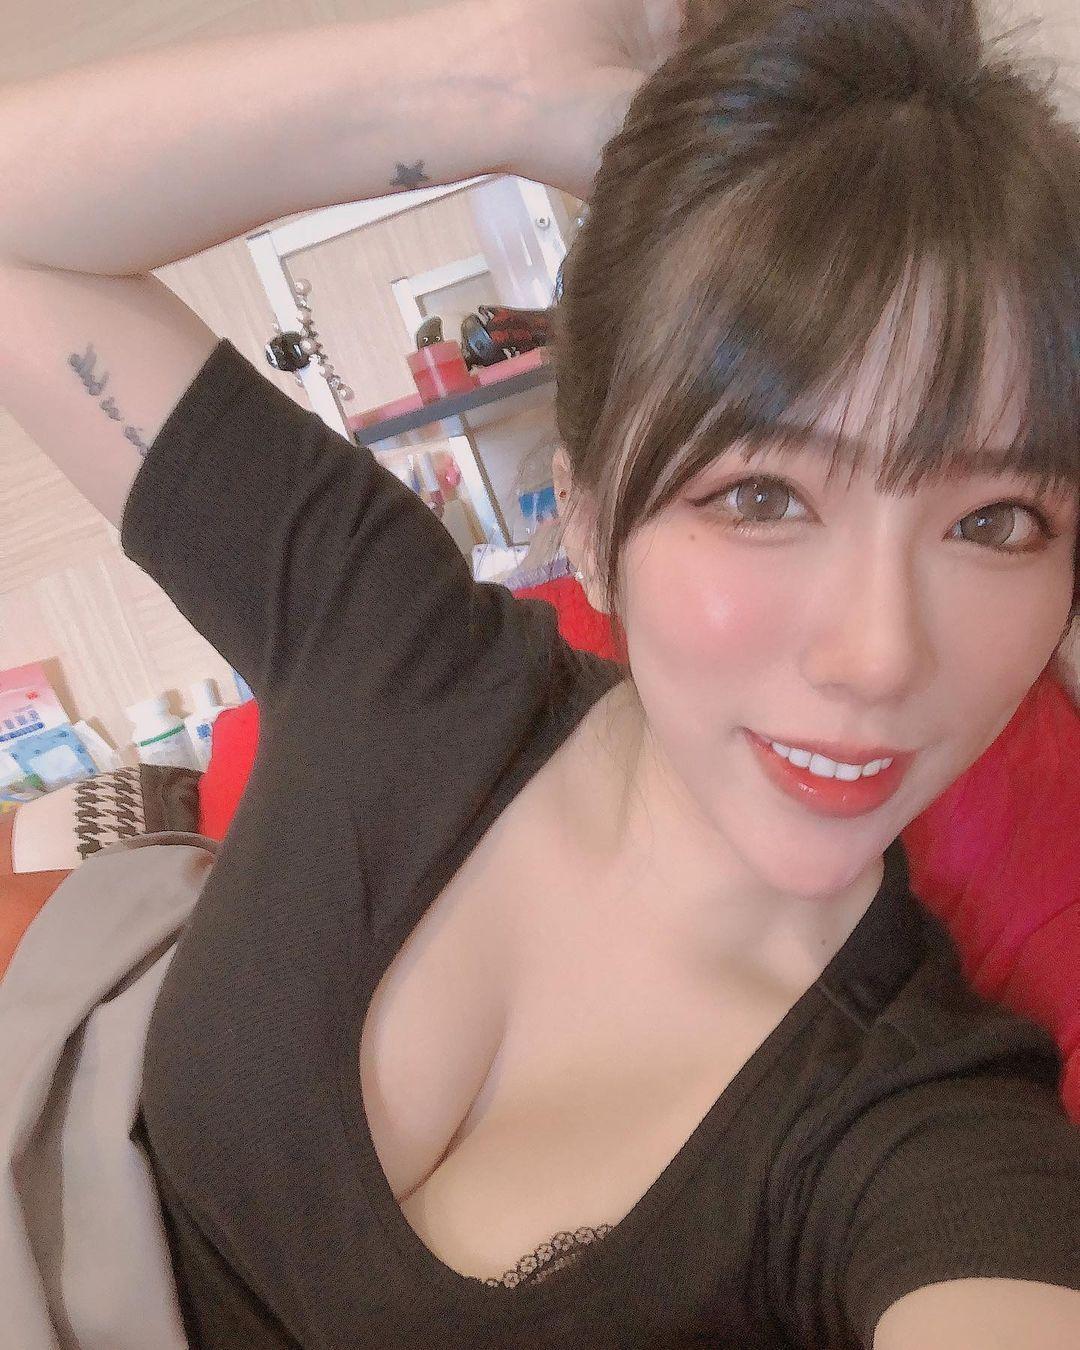 辣妈AliceLu采宁好身材表露无遗 养眼图片 第3张